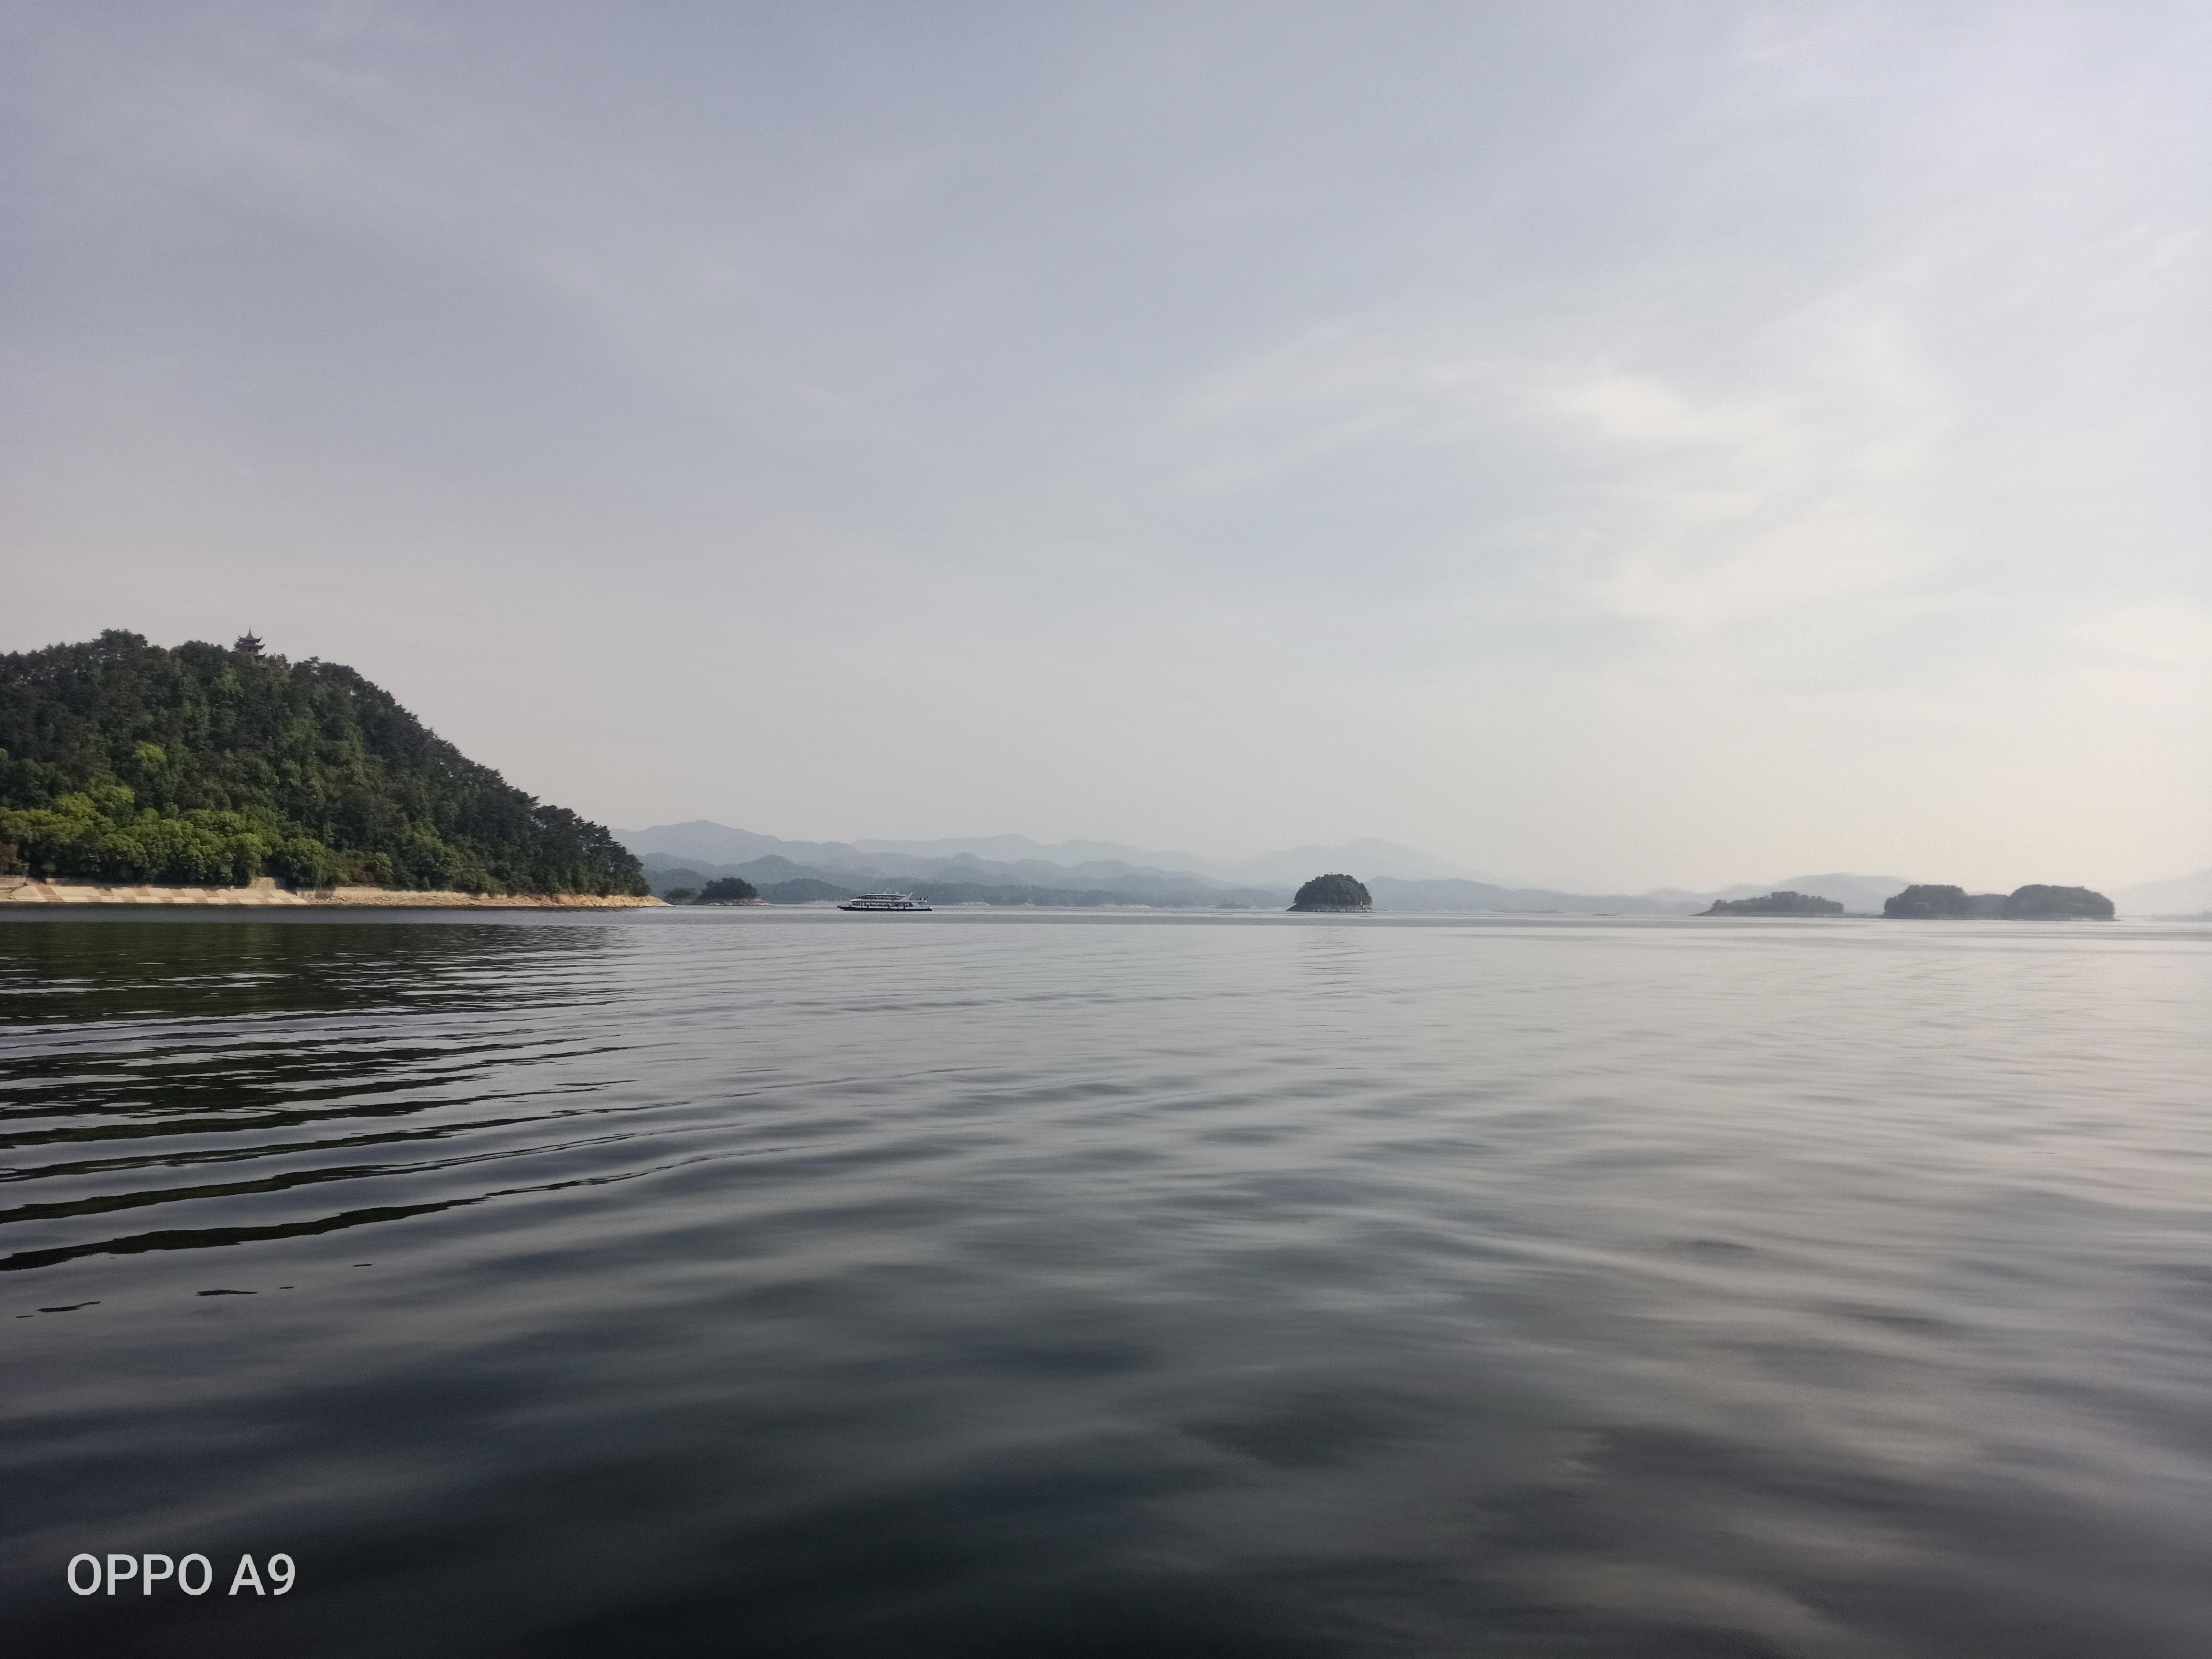 千回百转千岛湖——江海滨